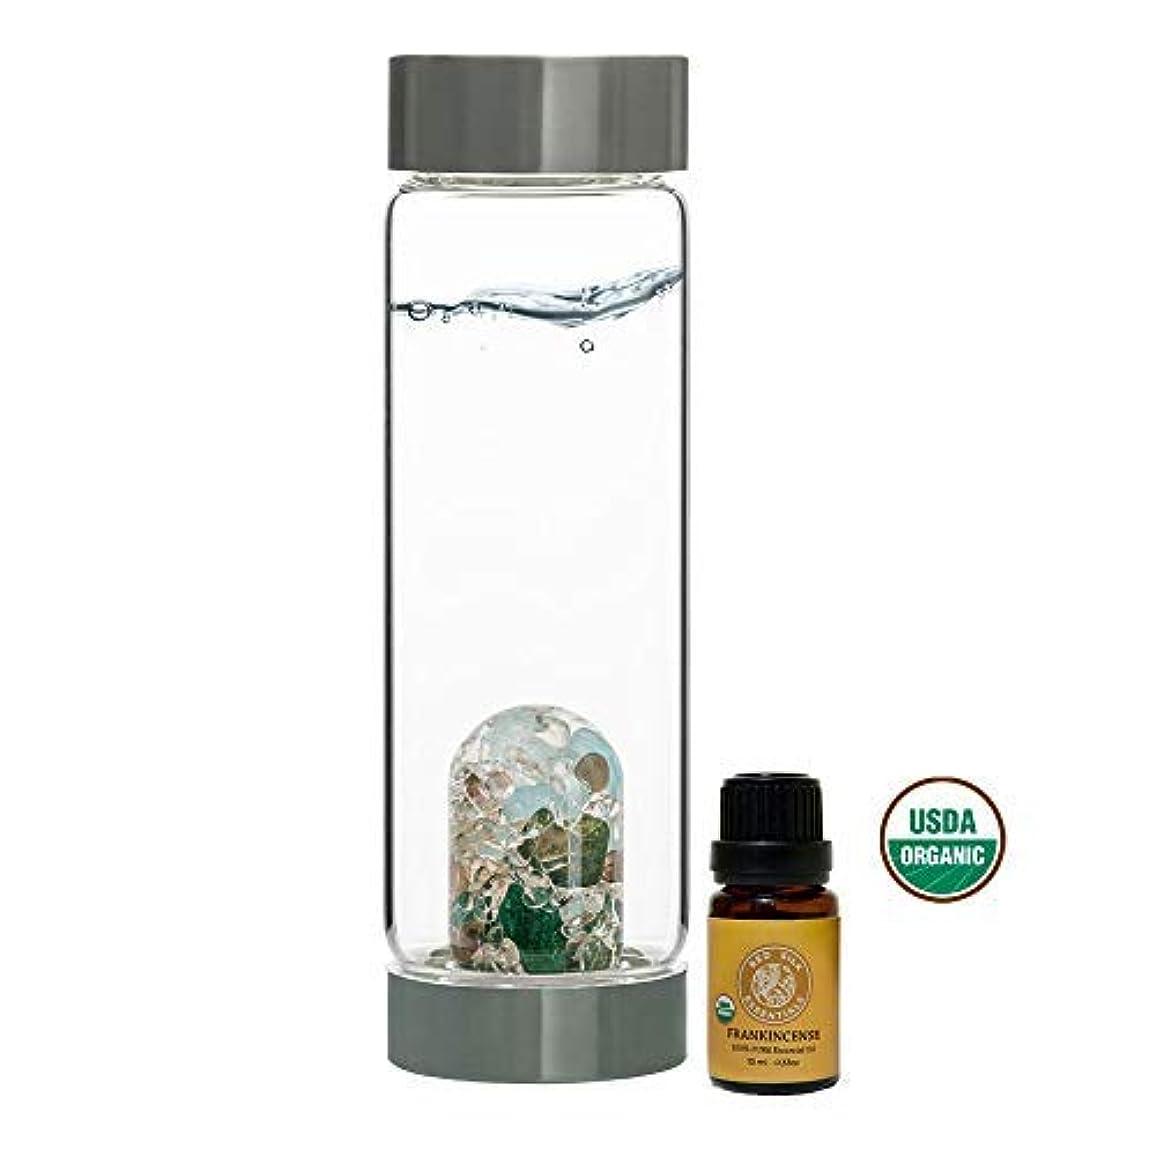 湿った市町村救出VitaJuwel Gem Water Bottle ViA - Forever Young w/Free Organic Frankincense Essential Oil [並行輸入品]